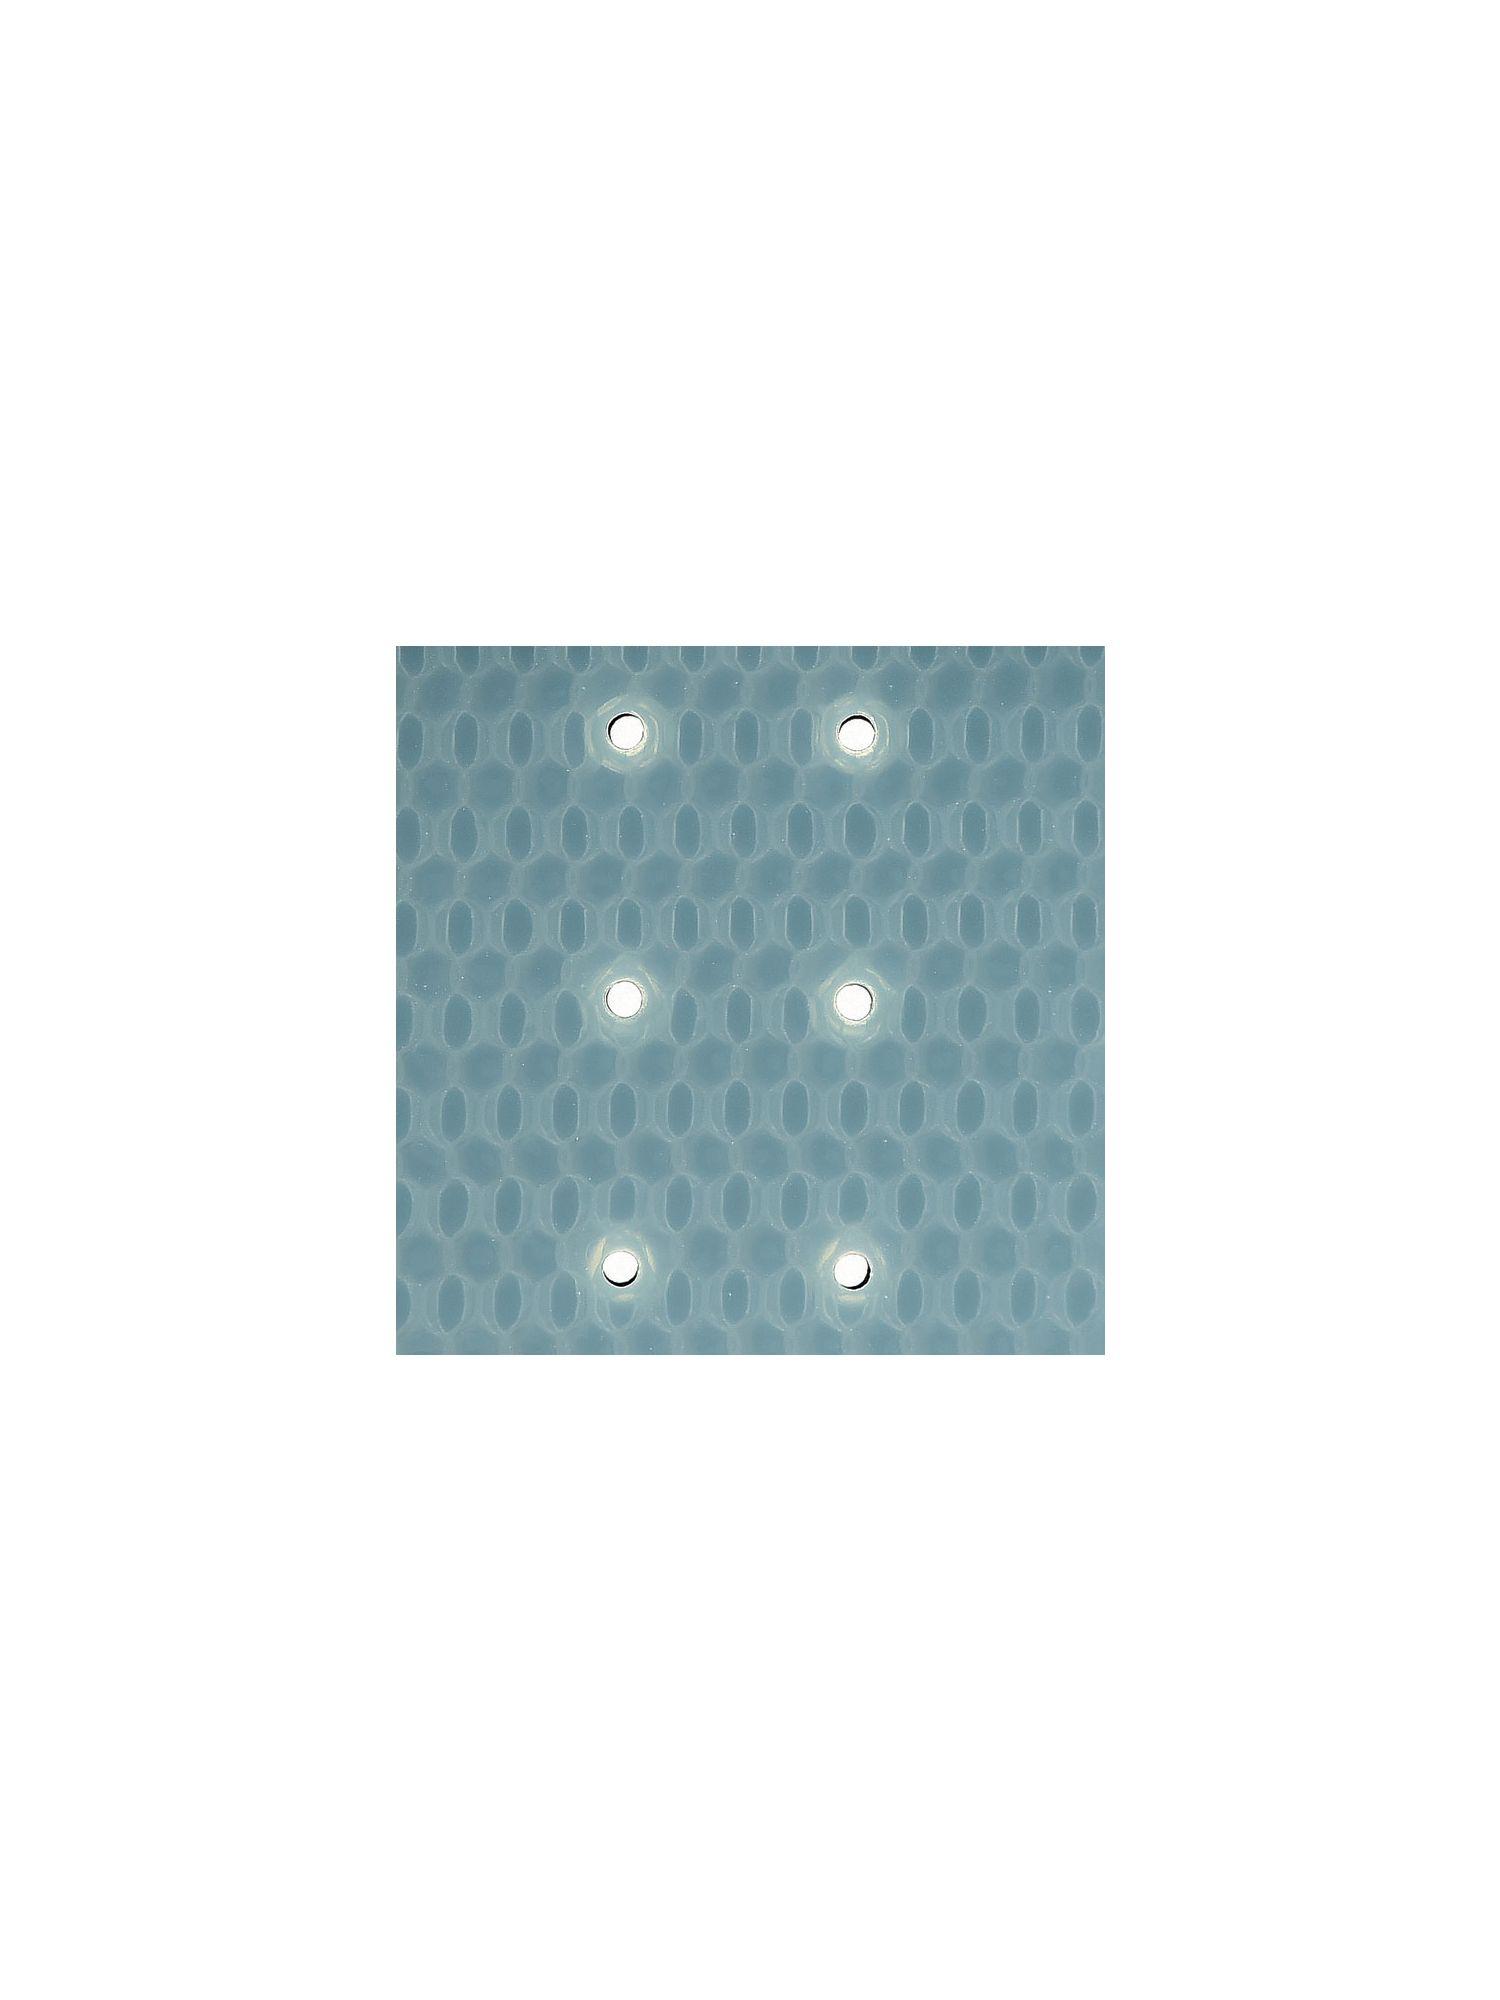 TRV063 | TECCELL チェストプロテクター(ボタンタイプ)【WOMEN'S】[1color]